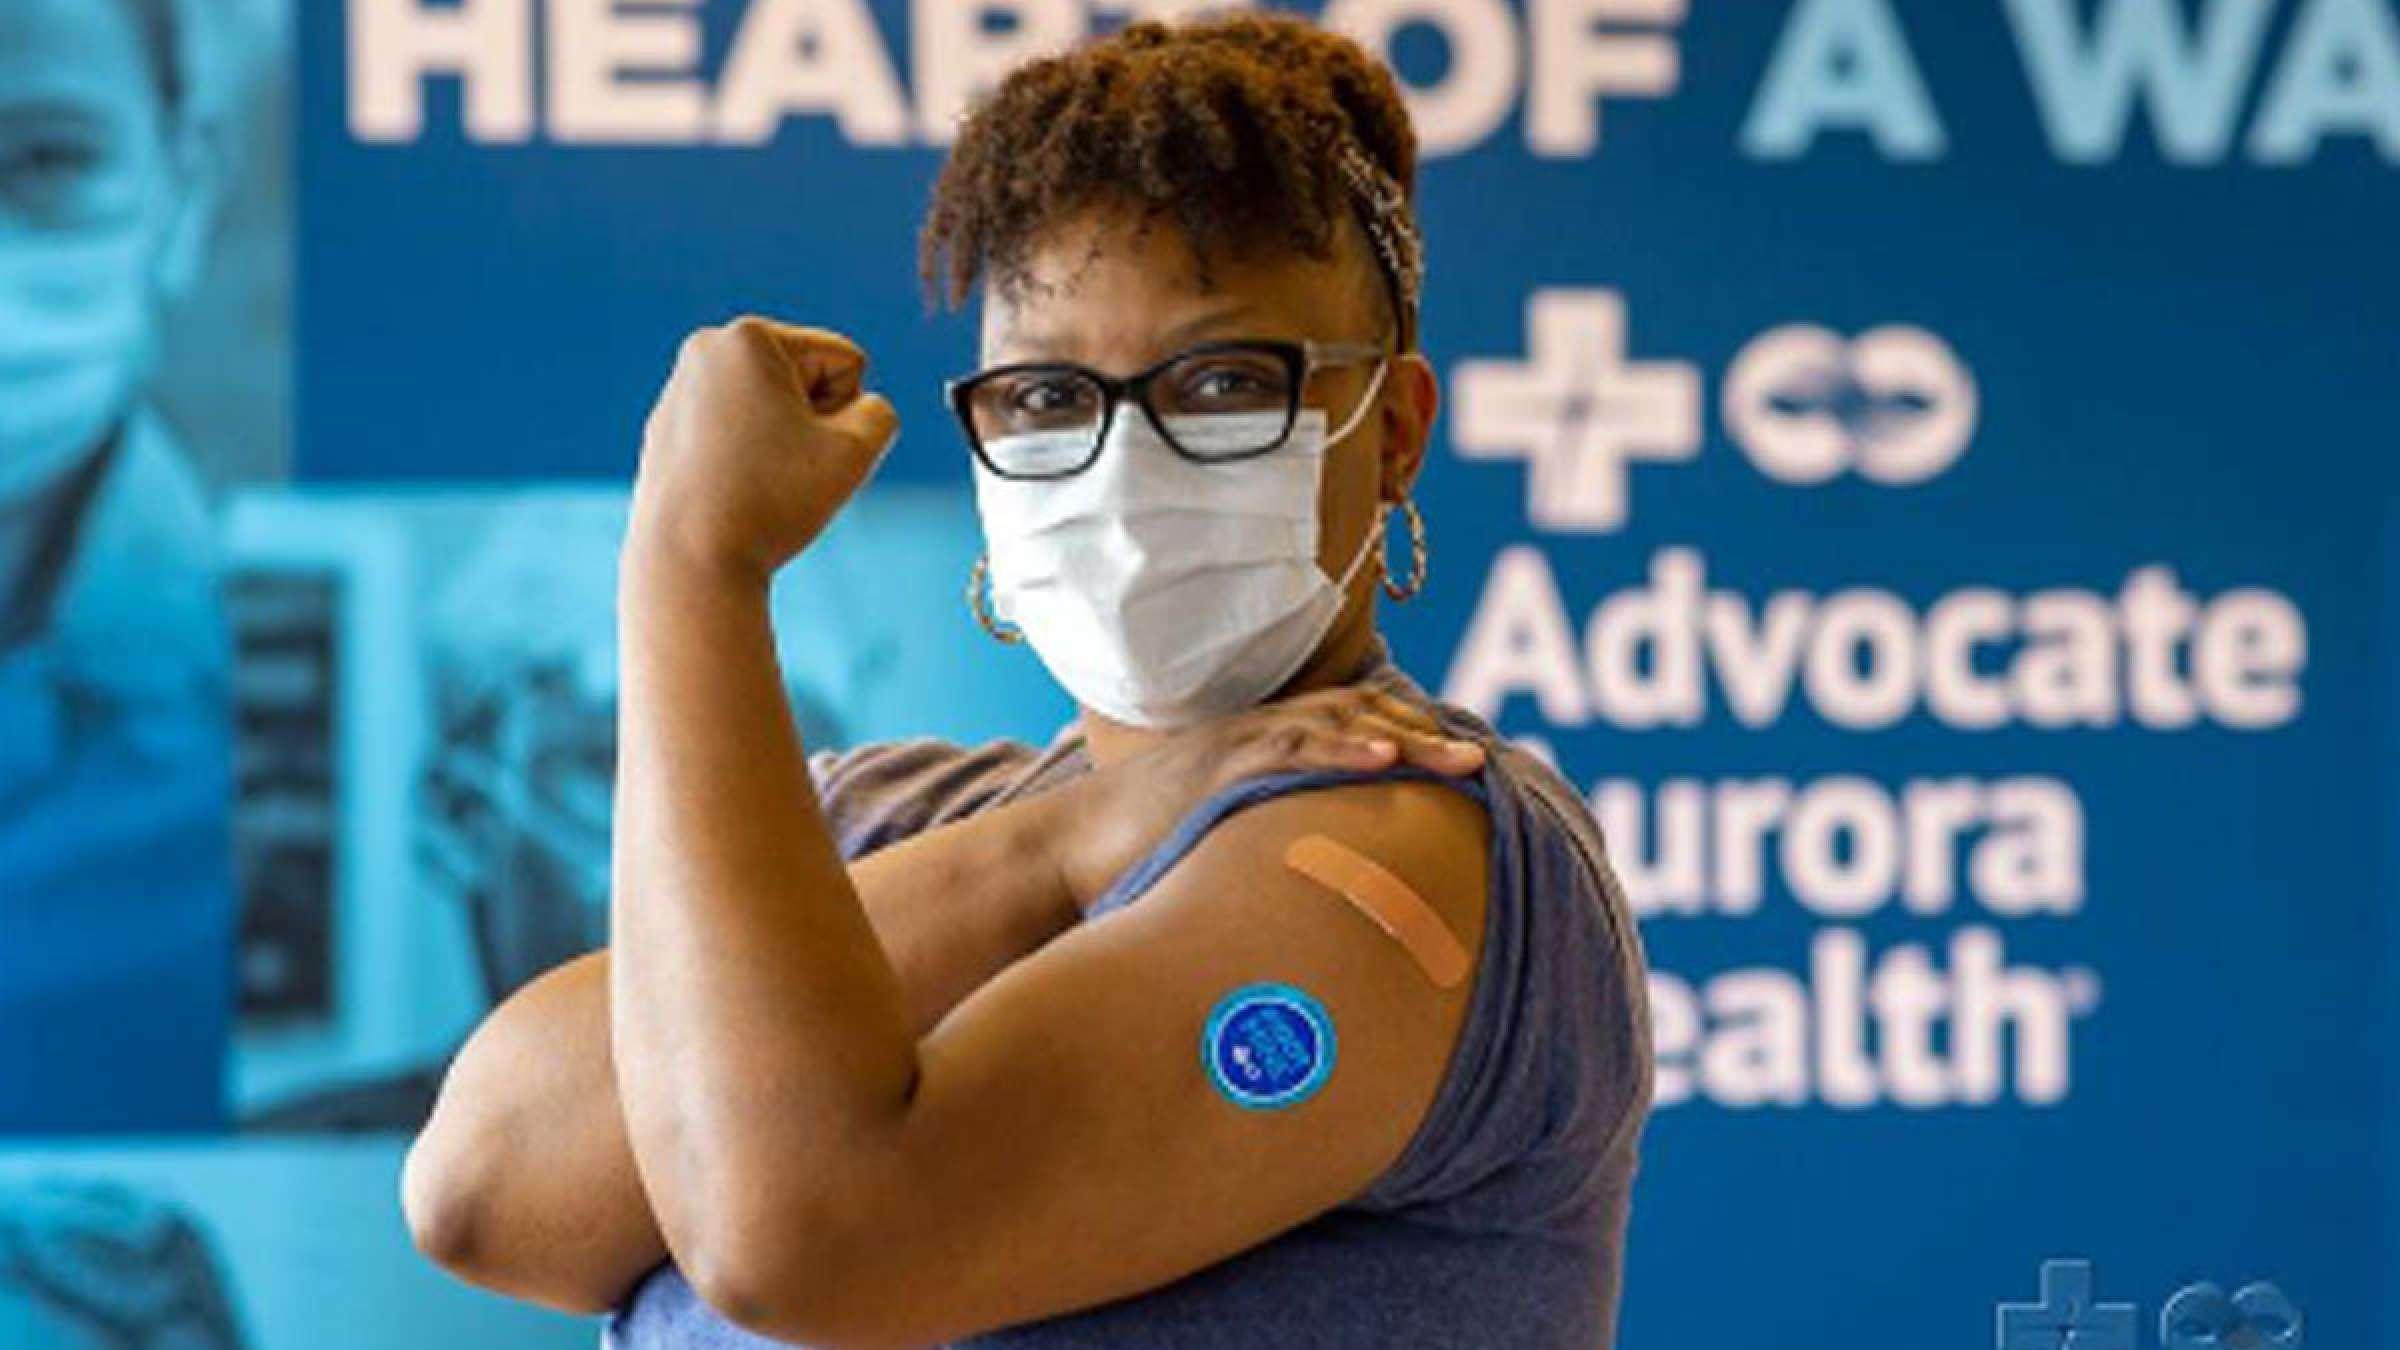 اخبار-جهان-پس-از-واکسیناسیون-چه-کارهایی-می-توانید-یا-نمی-توانید-انجام-دهید